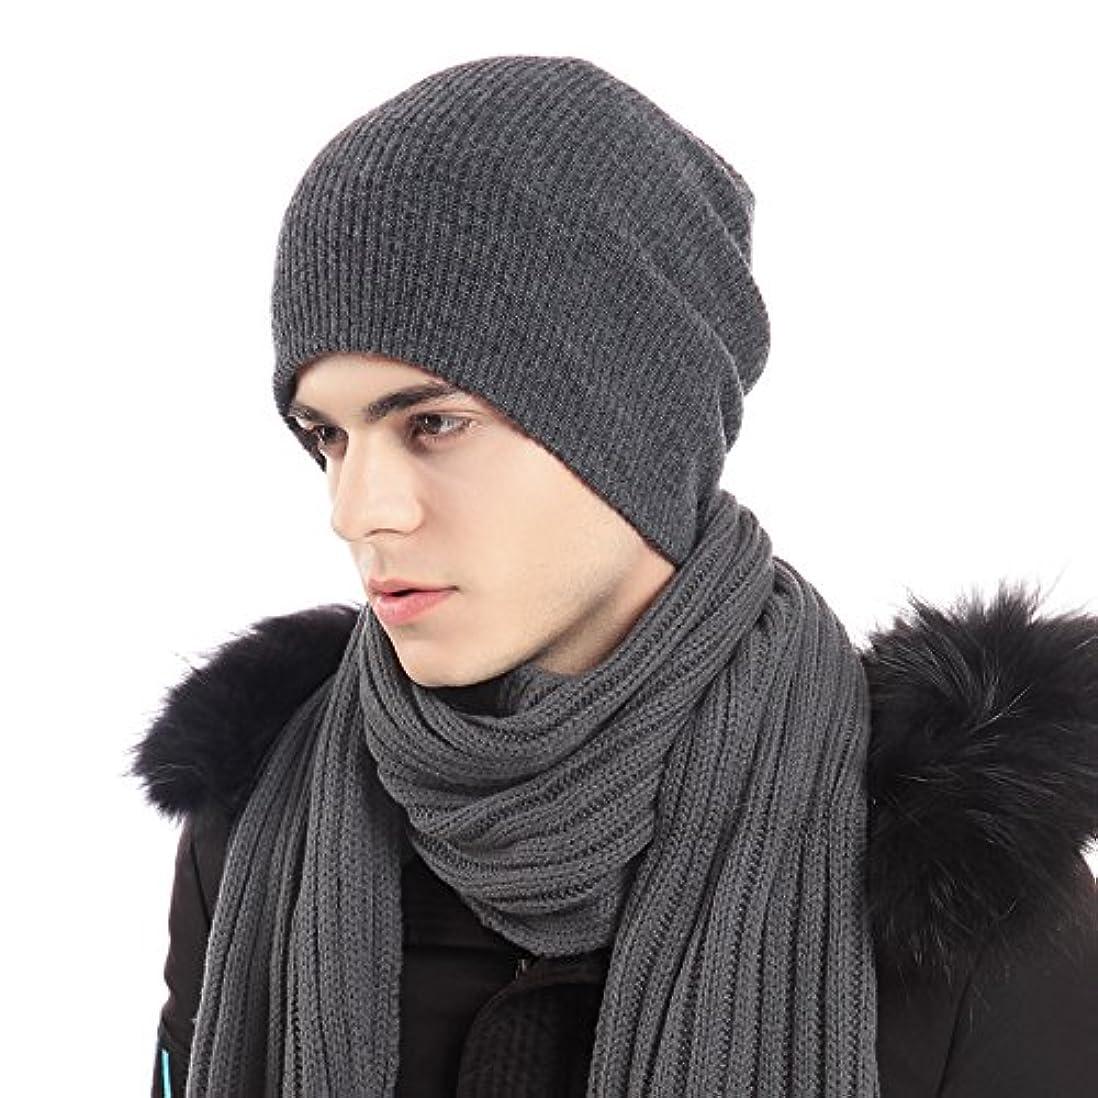 ハント幸福ナチュラル冬帽子、Young Manウールキャップ、冬、冬セーター、ニット帽子